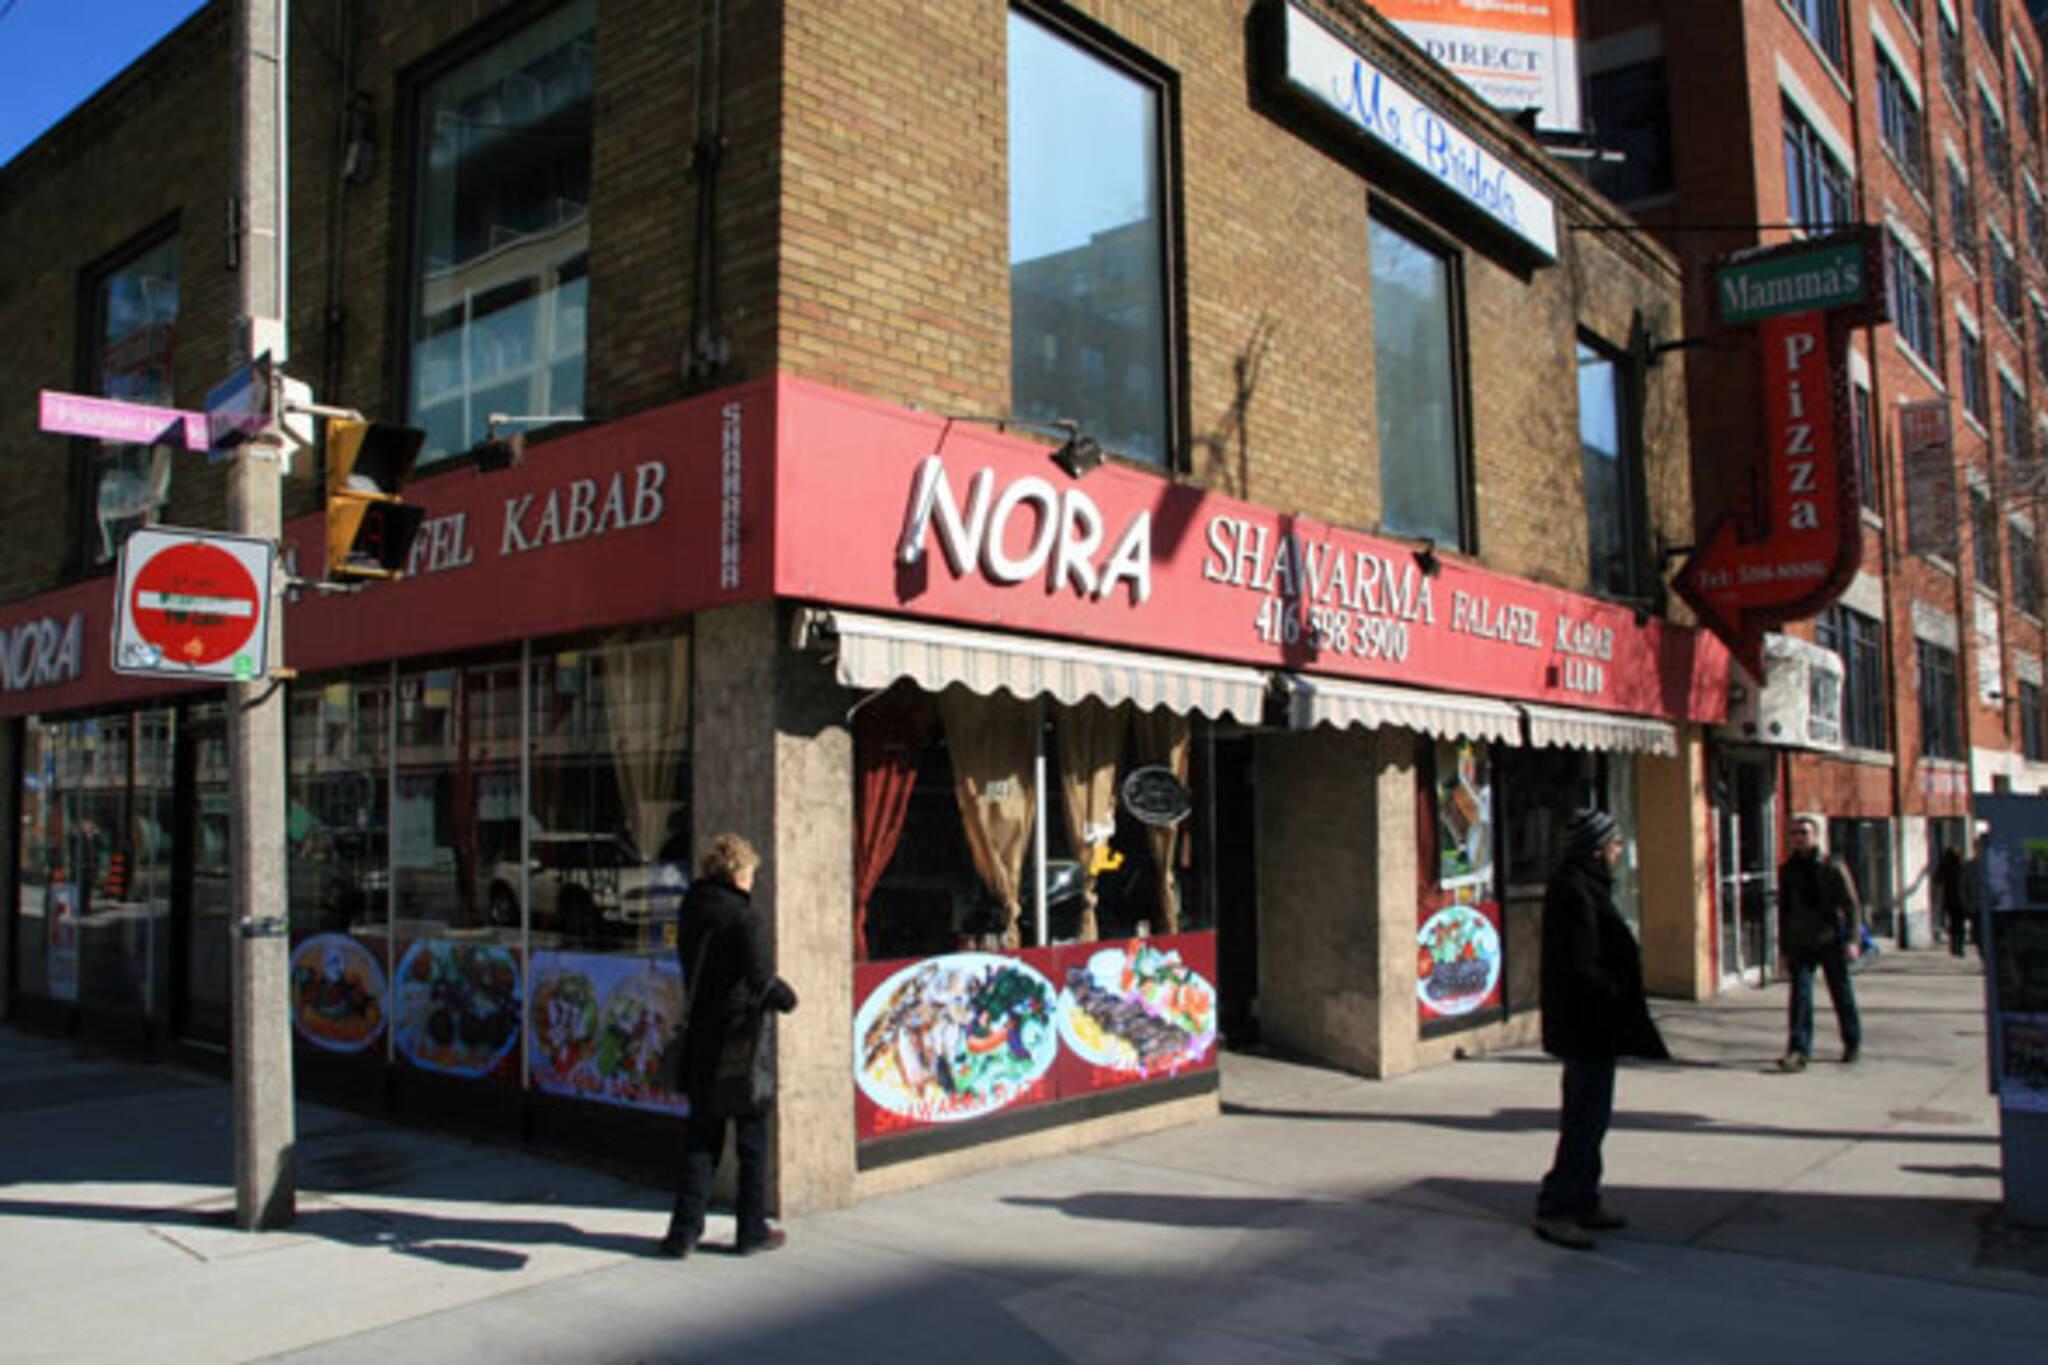 Nora Toronto